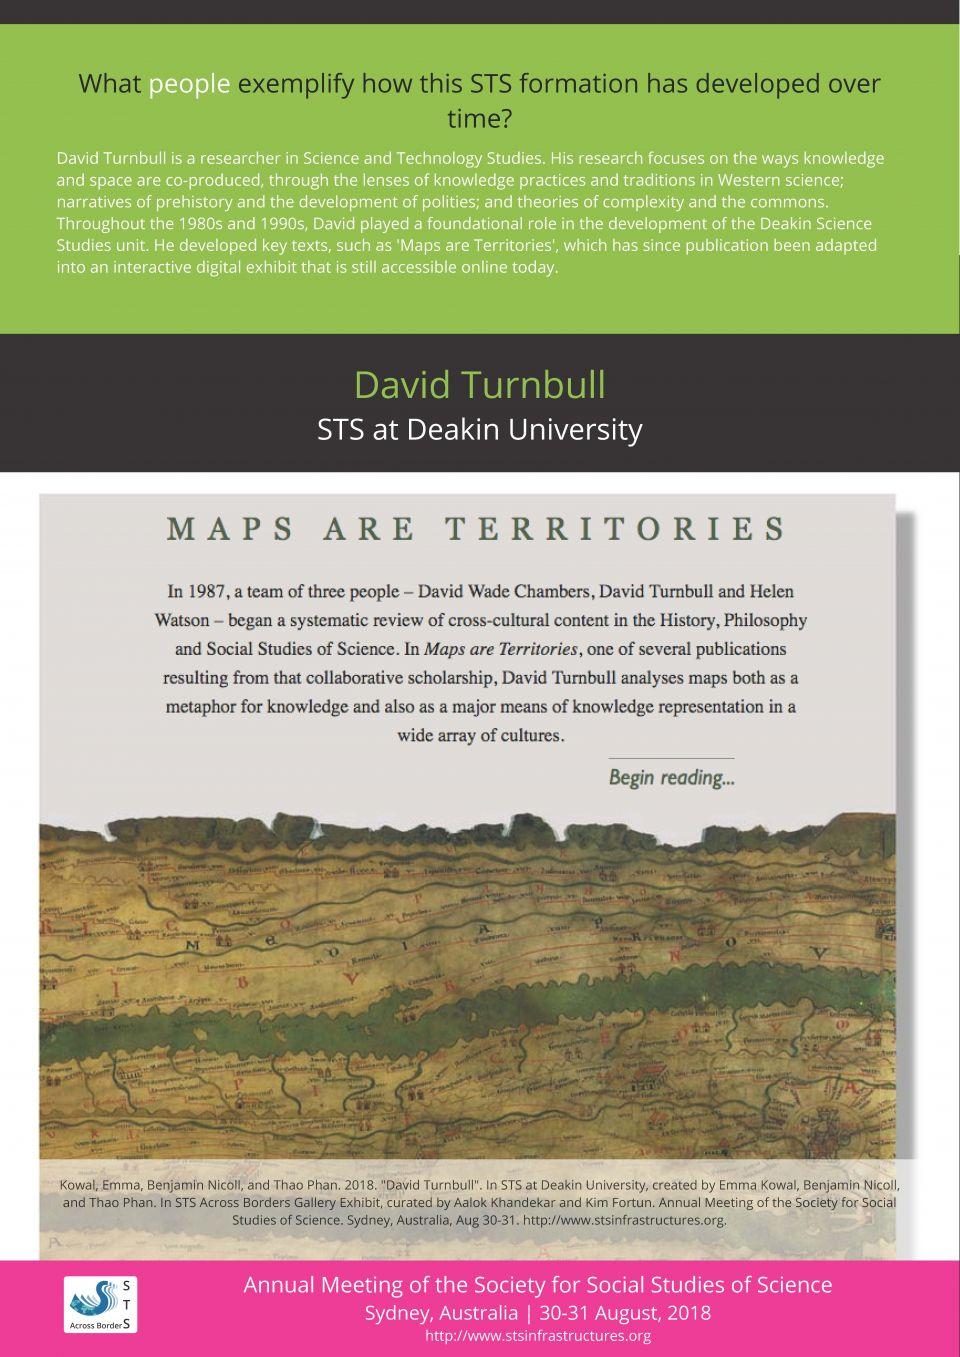 David Turnbull